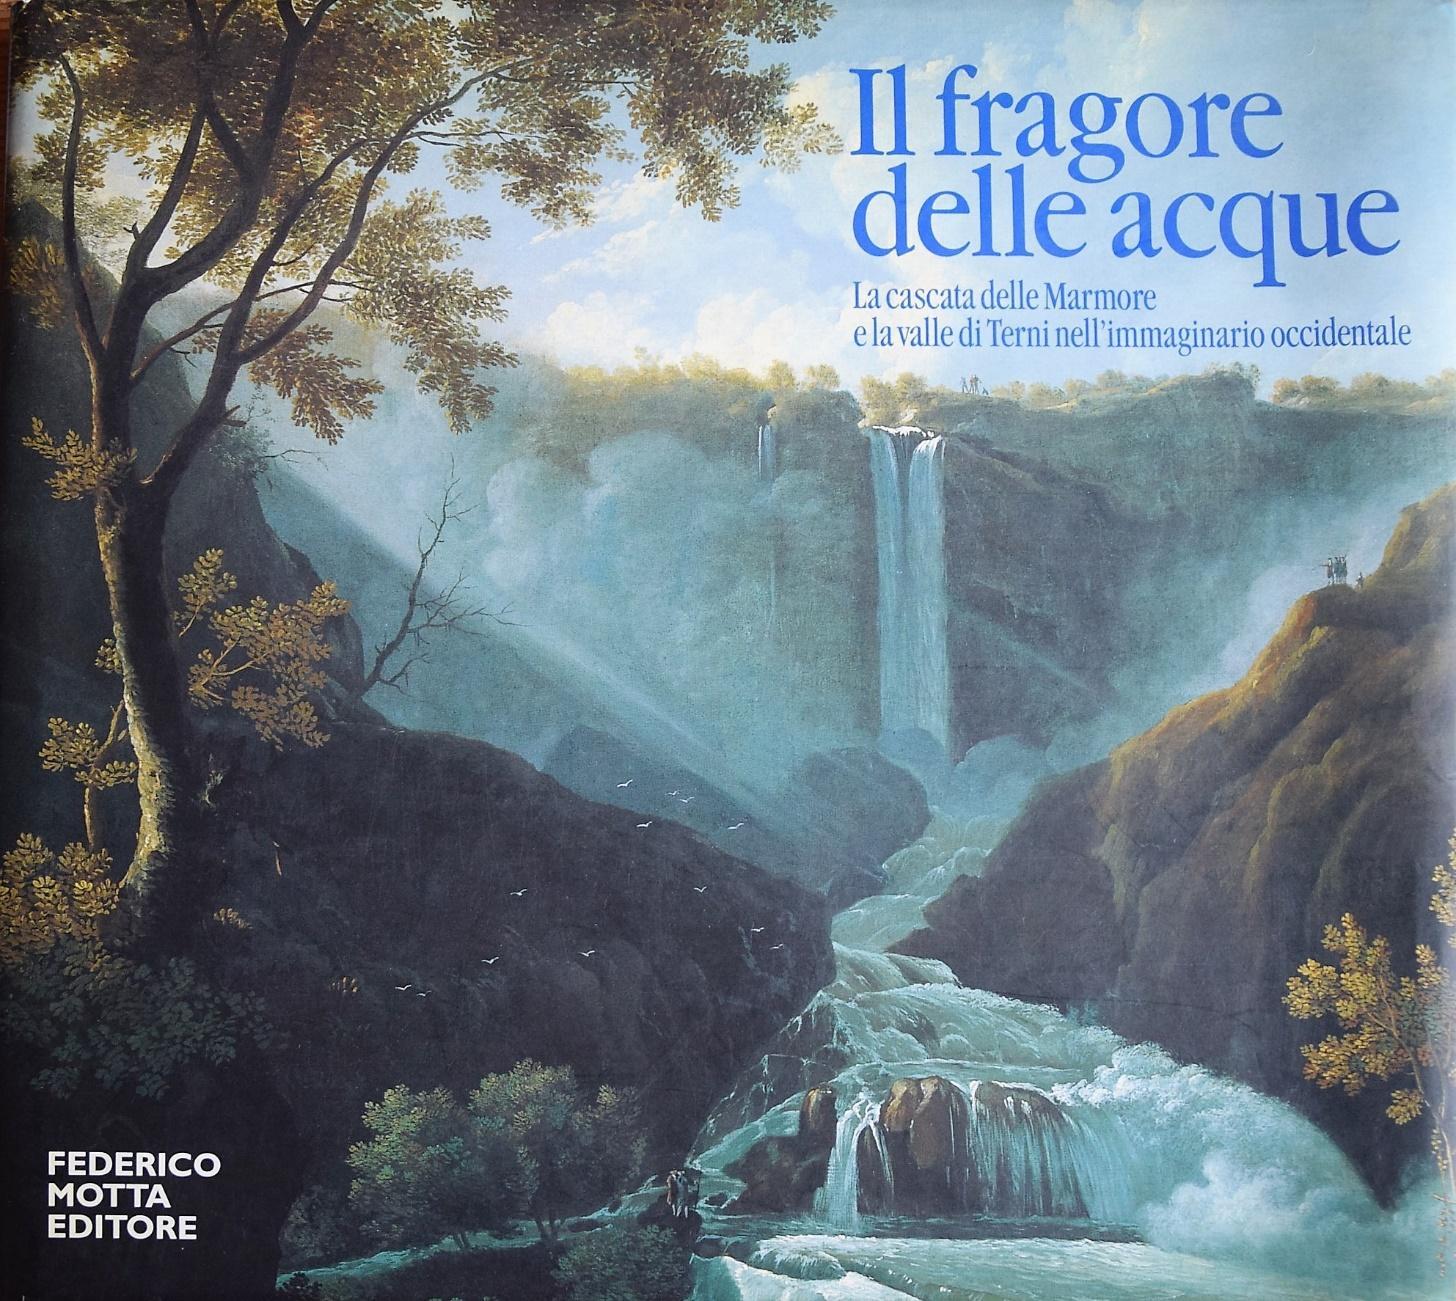 Antonio Brilli, Simonetta Neri, Gabriella Tomassini